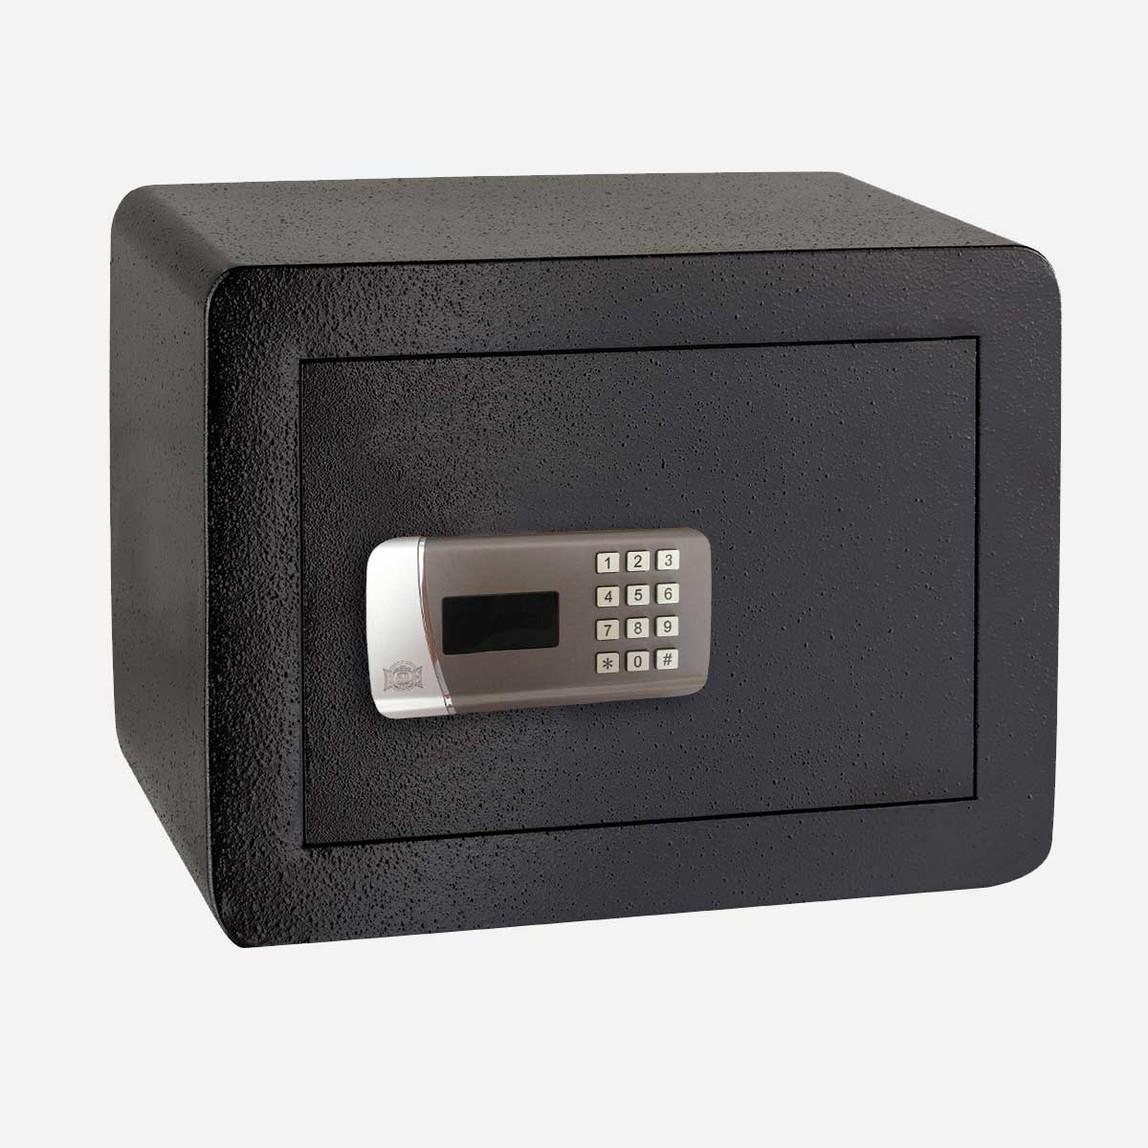 Kk300 Çelik Kasa Elektronik Şifreli